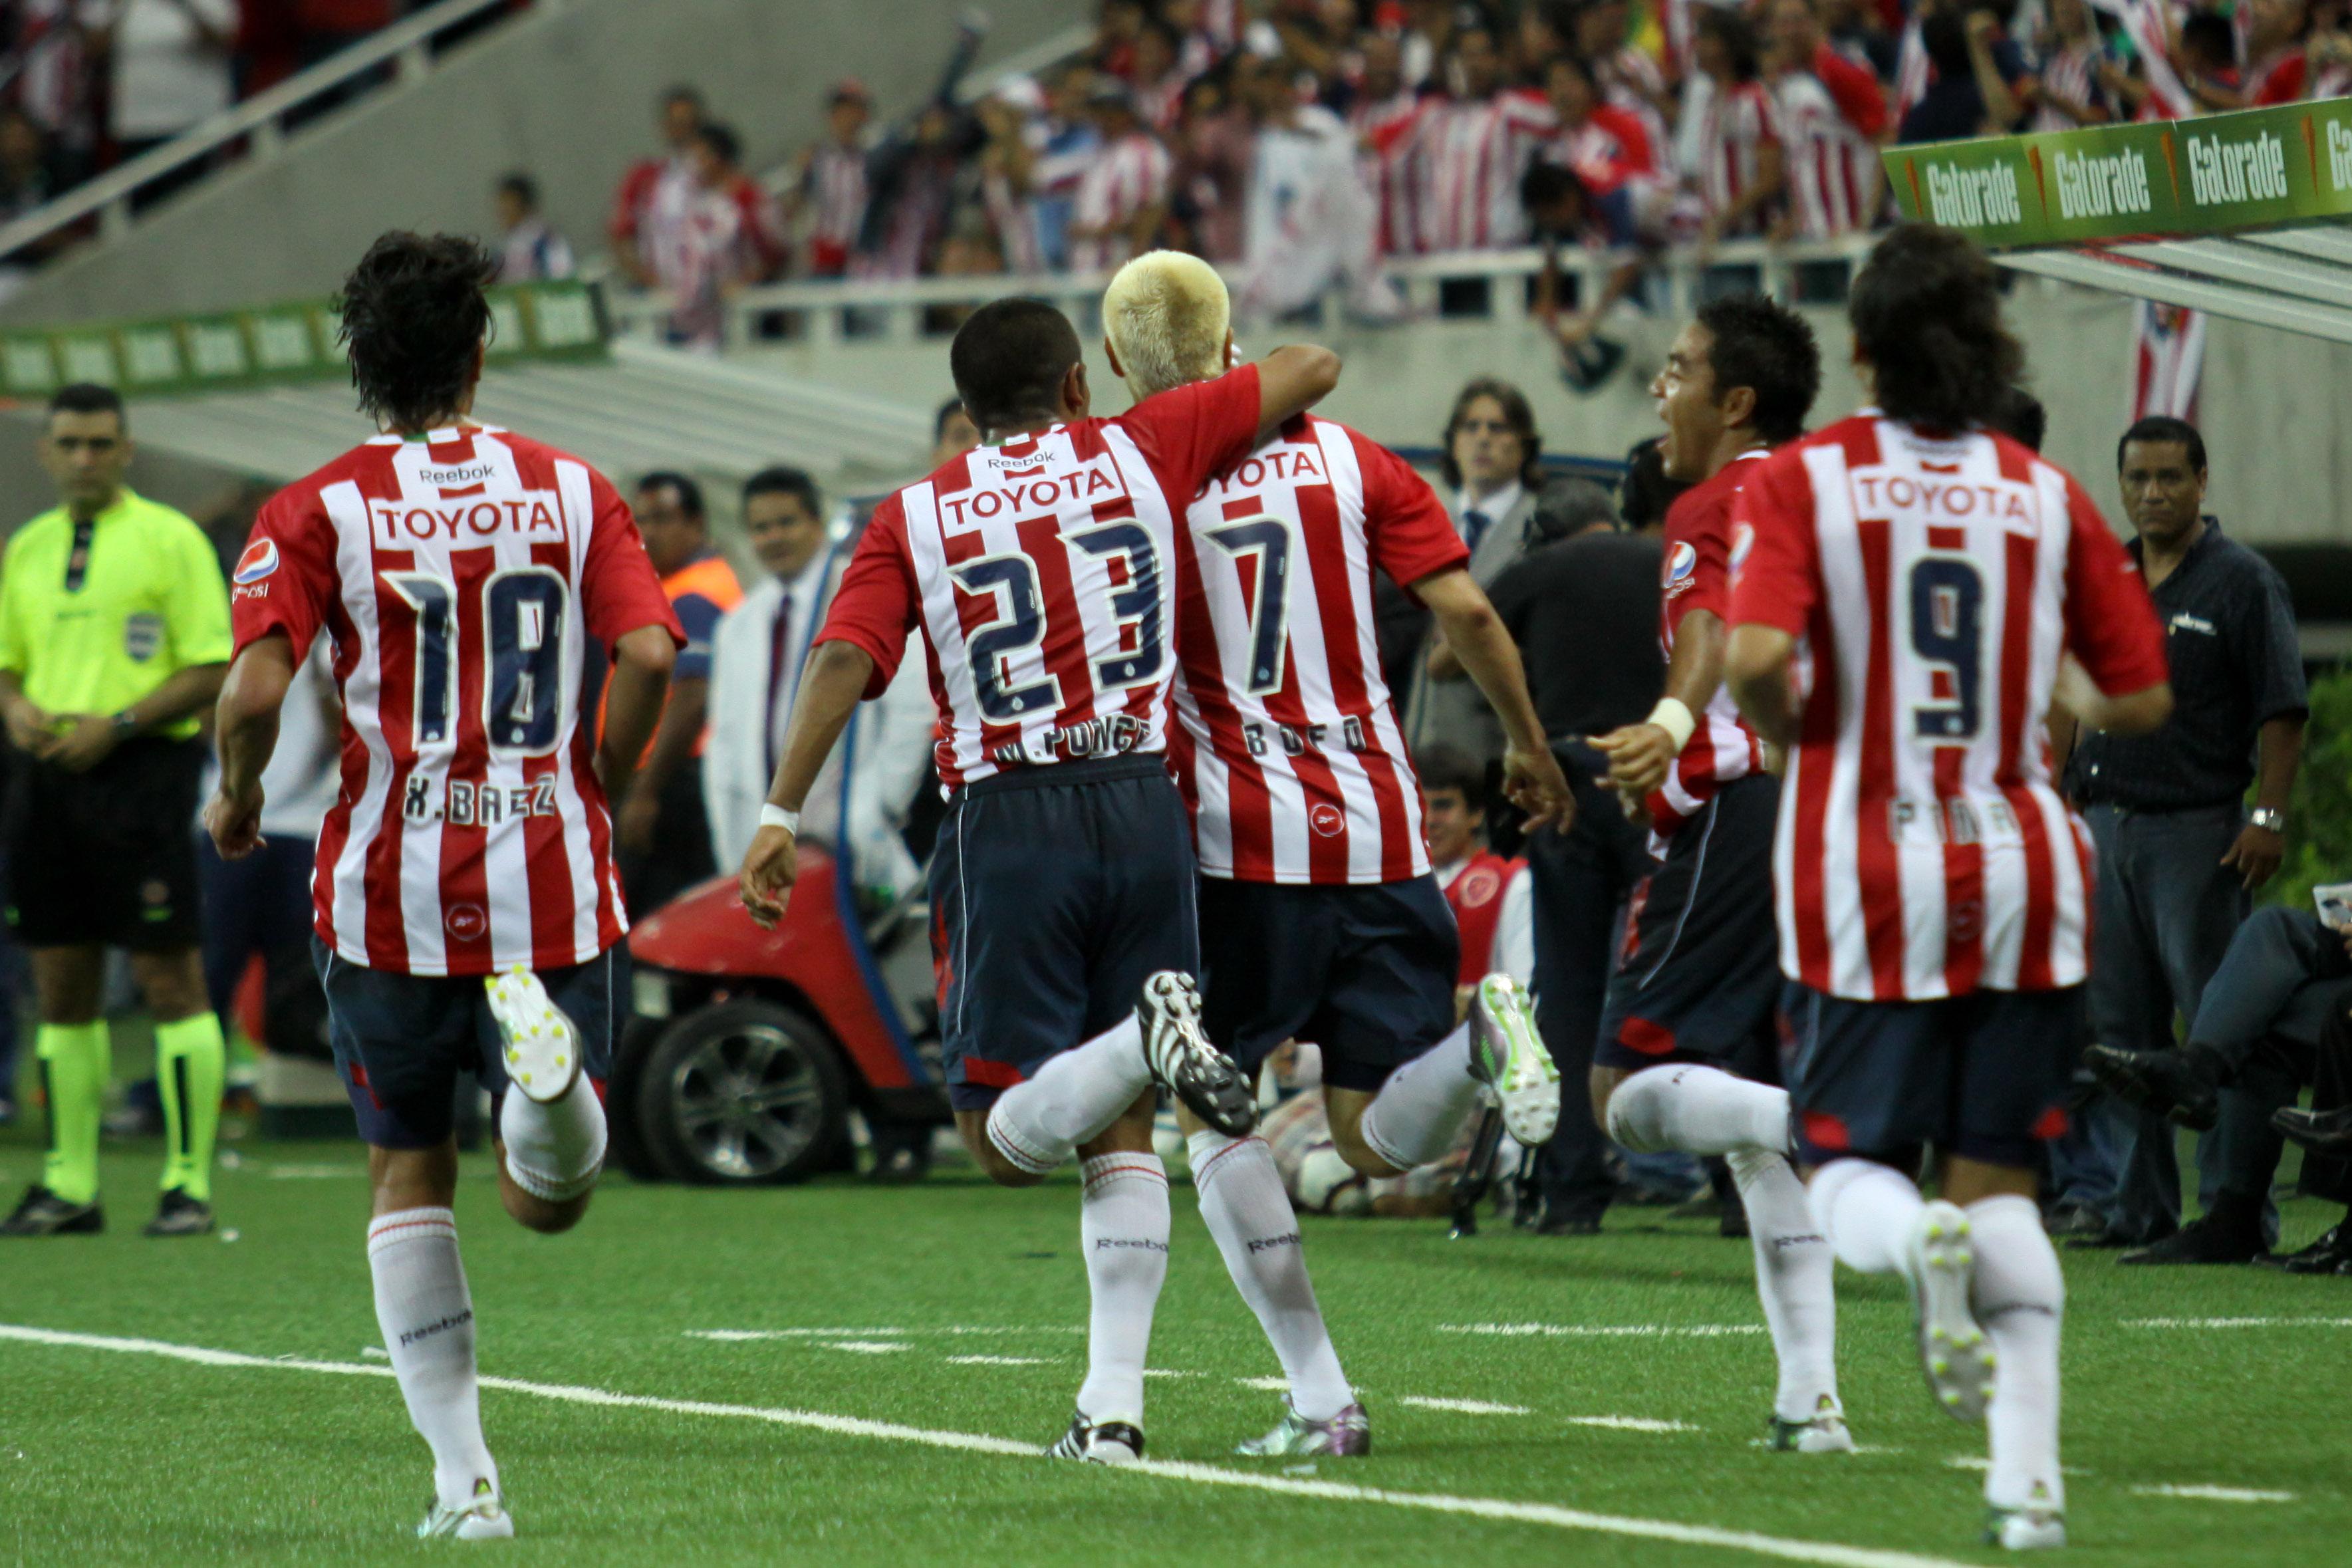 Chivas también jugó una final, pero la perdió ante los brasileños del Internacional de Porto Alegre (Foto: Rodolfo Angulo/ Cuartoscuro)